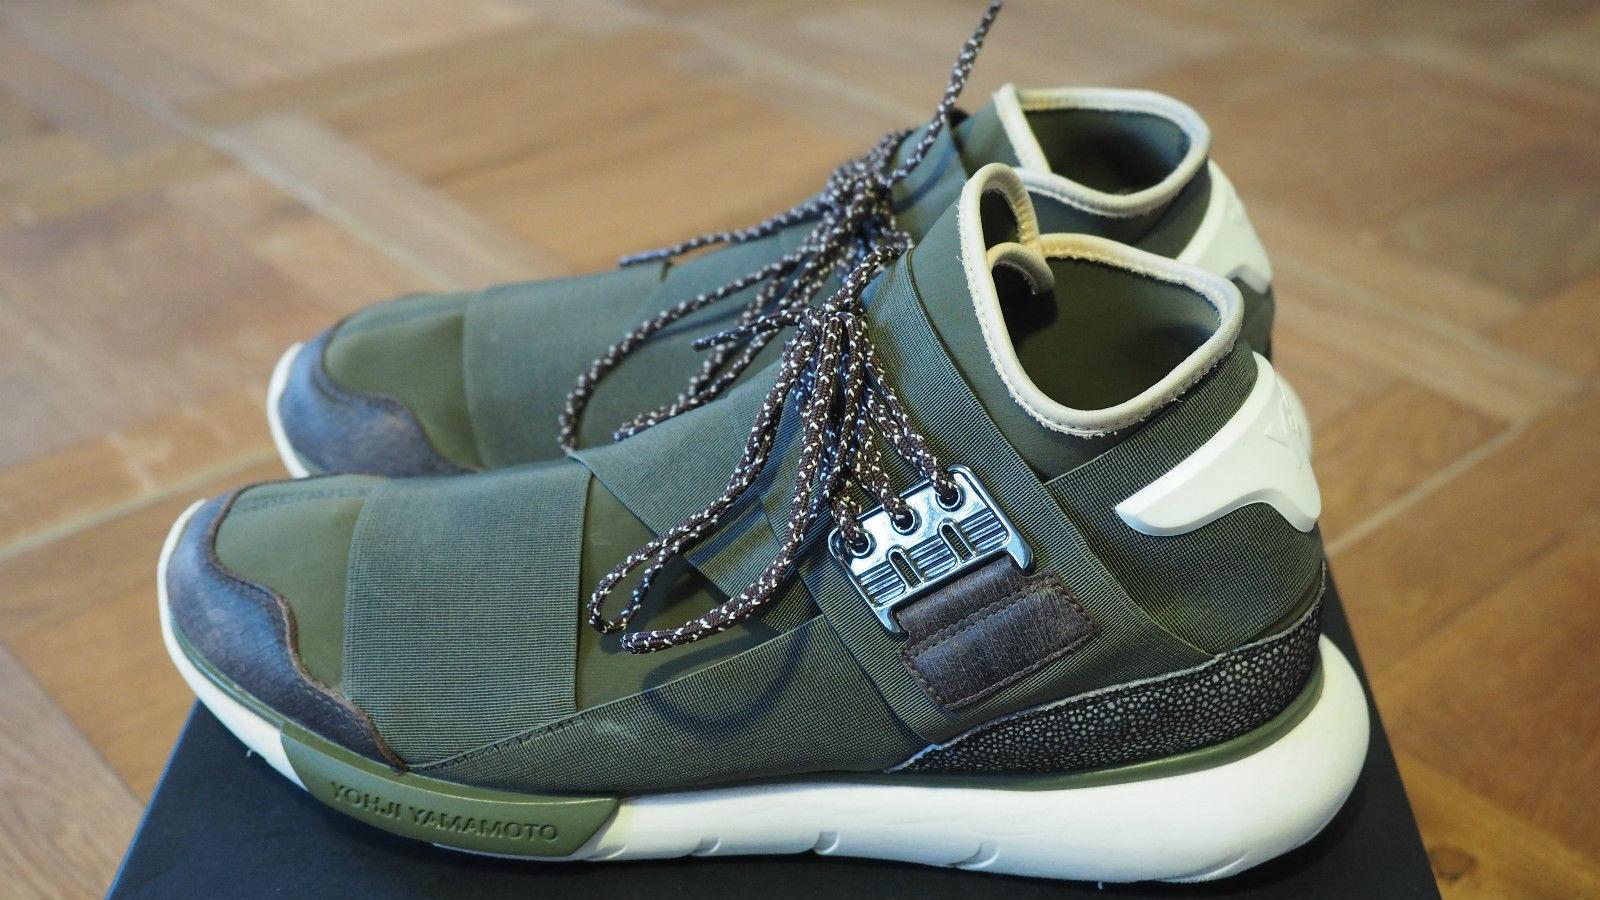 Adidas x Yamamoto Y-3 Qasa High Olivgrün Gr. EU  45 1/3 US 11  EU   2 x getrgetragen aad861